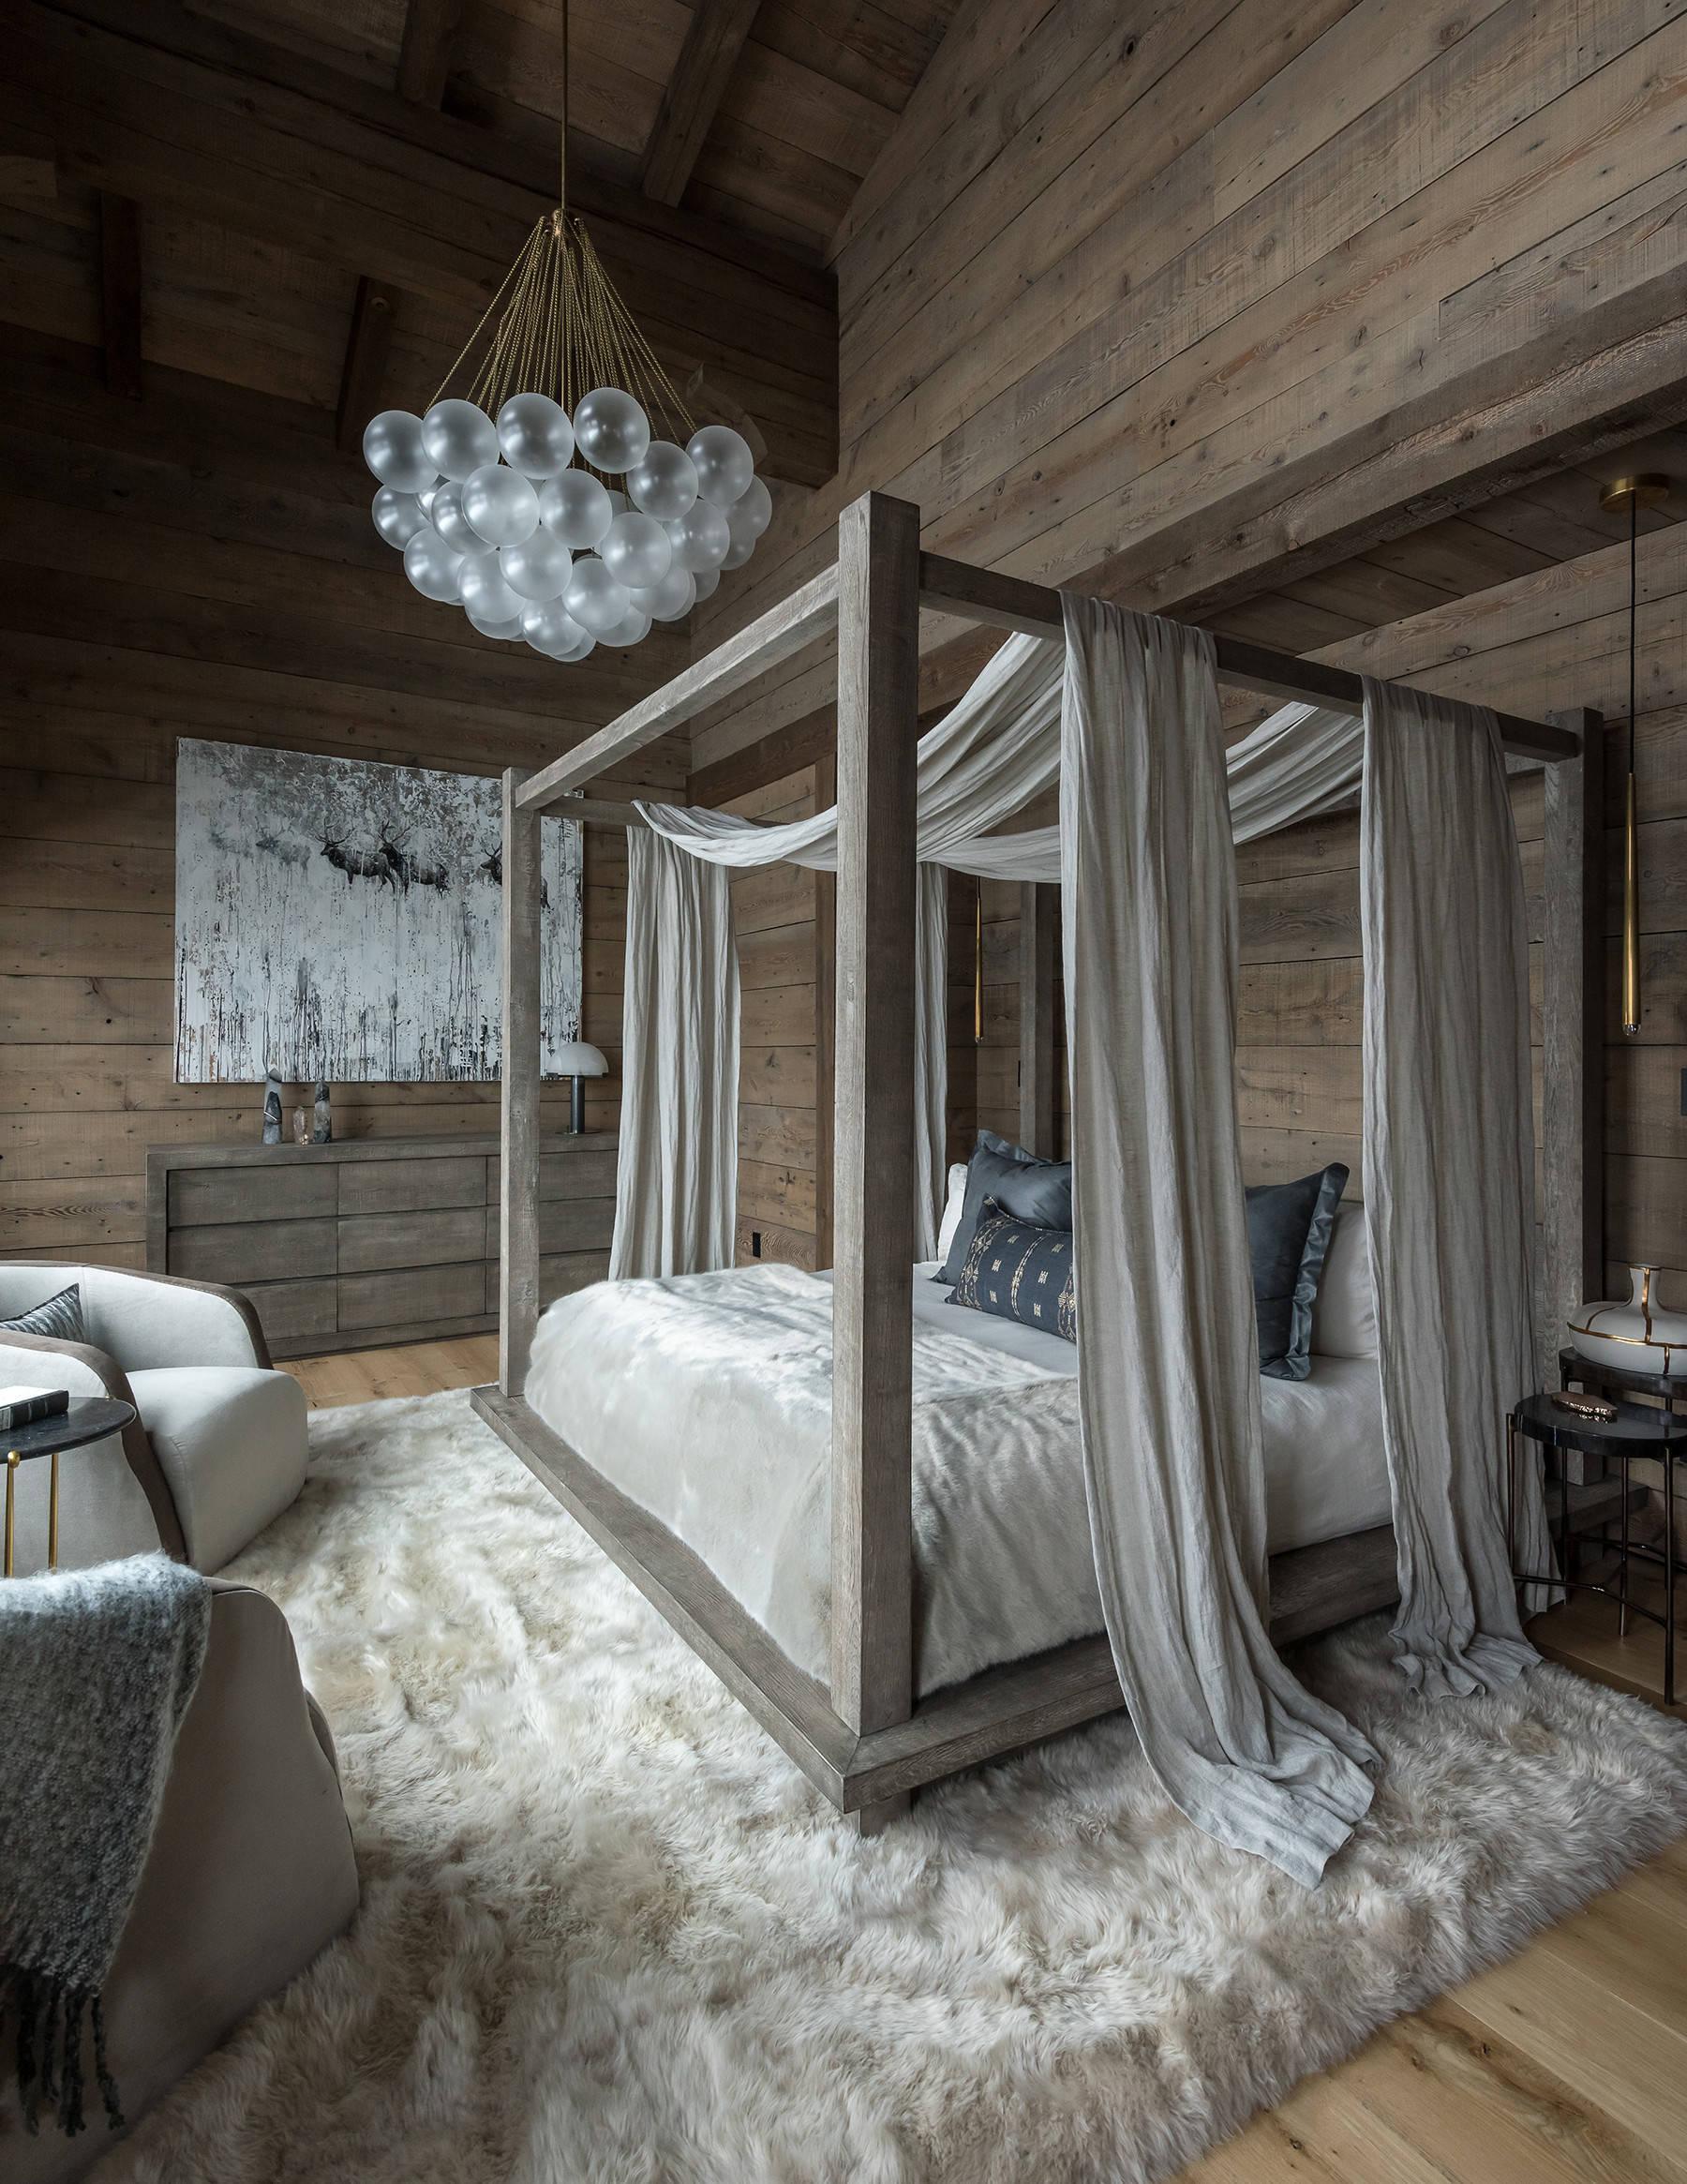 75 beautiful rustic bedroom pictures